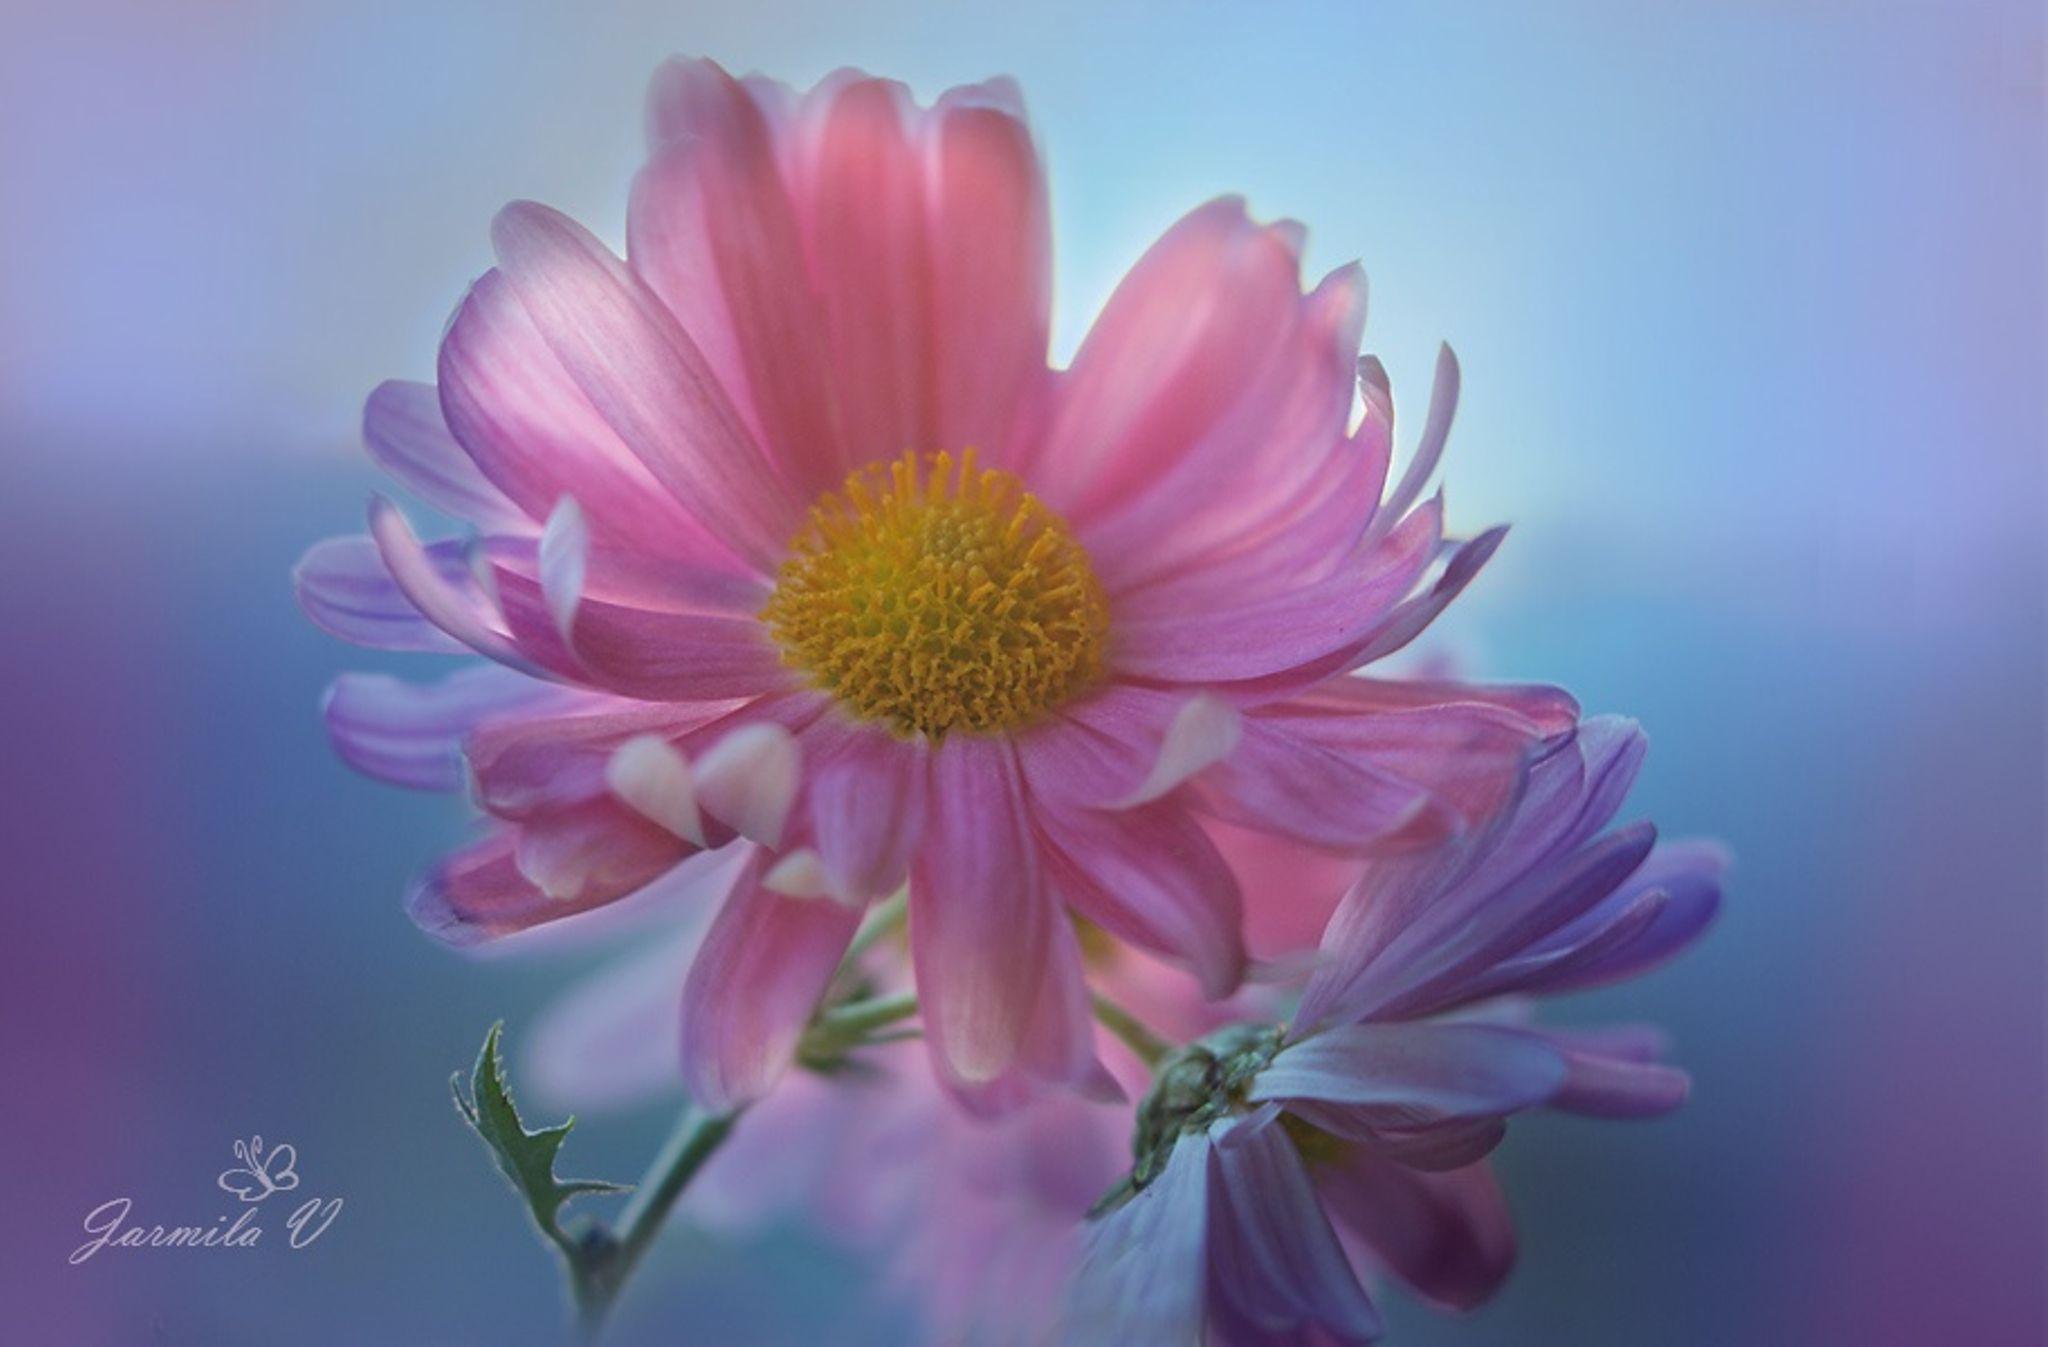 Flower by jarmila vymazalov on 500px flowers pinterest flower beautiful flowers izmirmasajfo